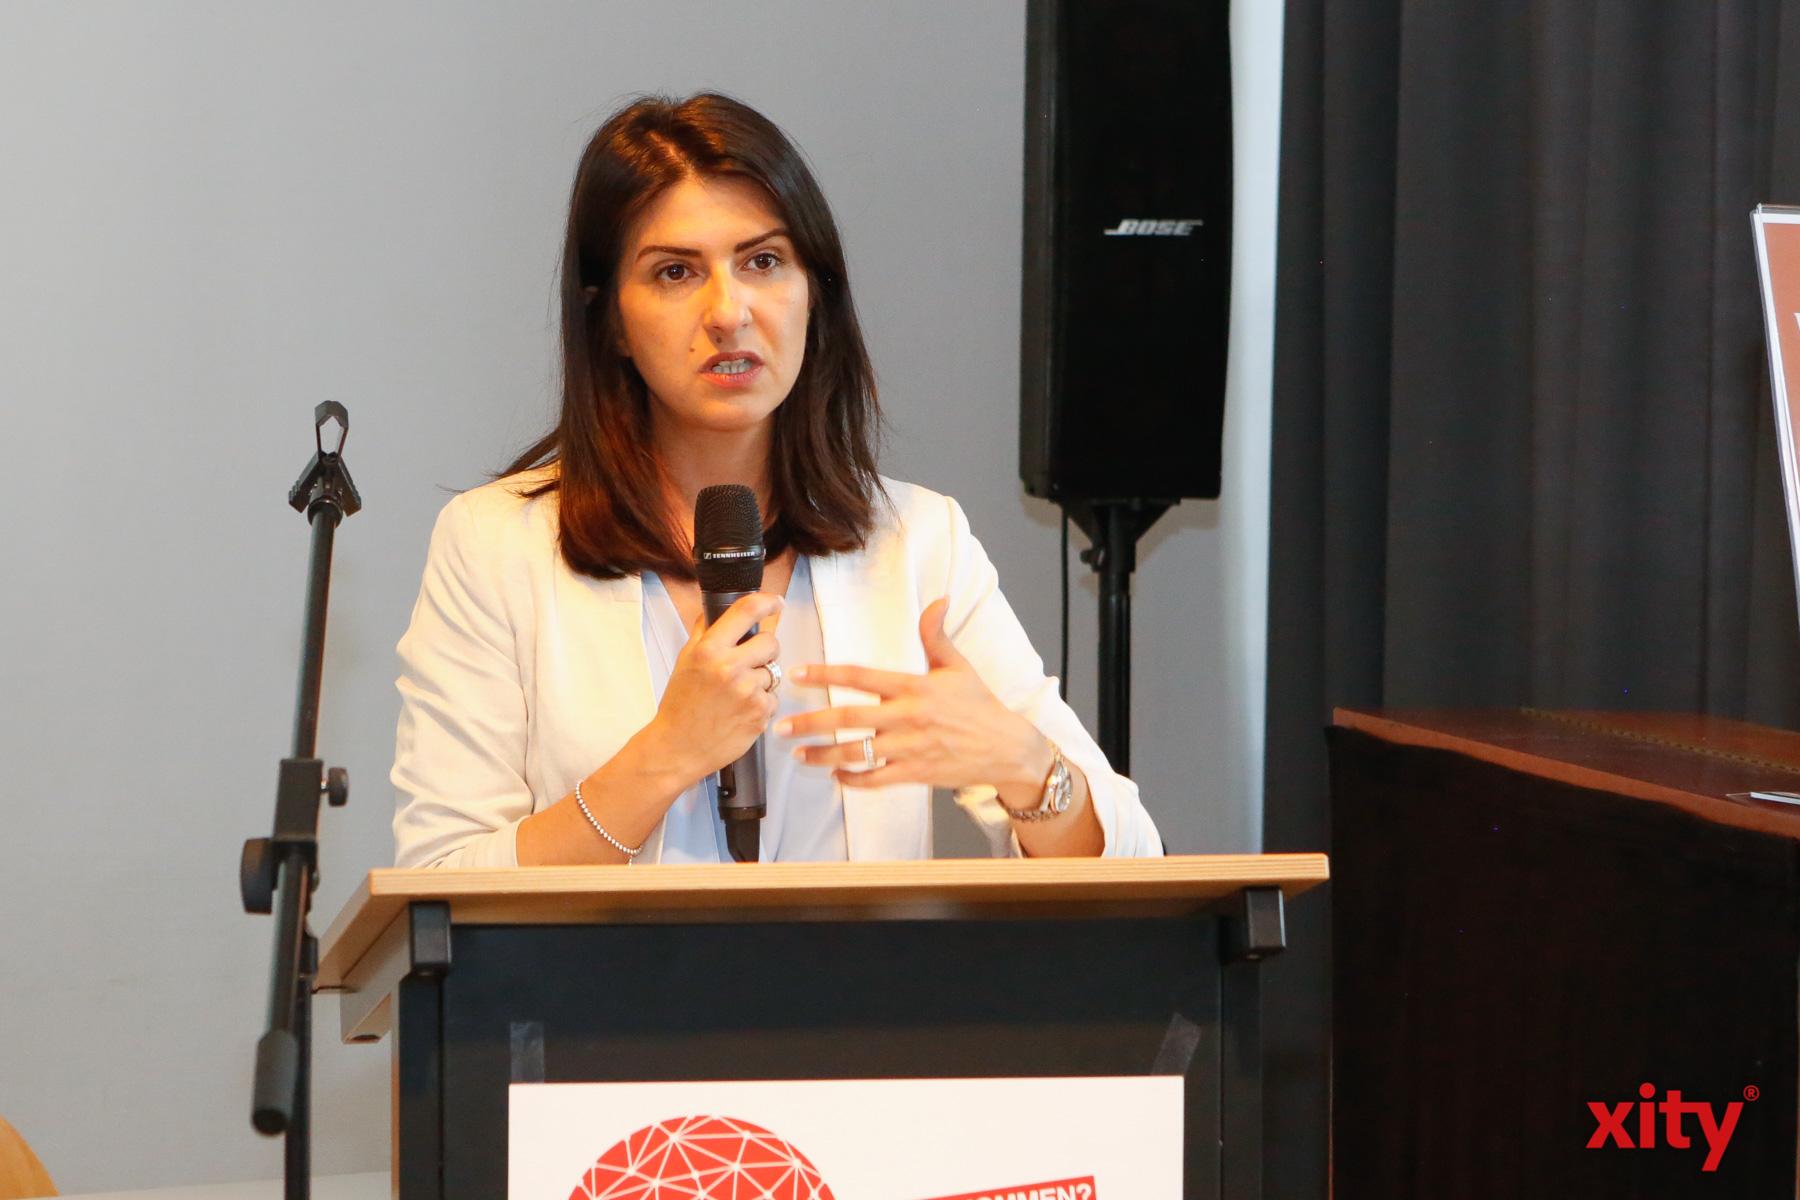 Serap Güler, NRW-Staatssekretärin für Integration, sprach als Gastrednerin zu den Besuchern der Konferenz (Foto: xity)